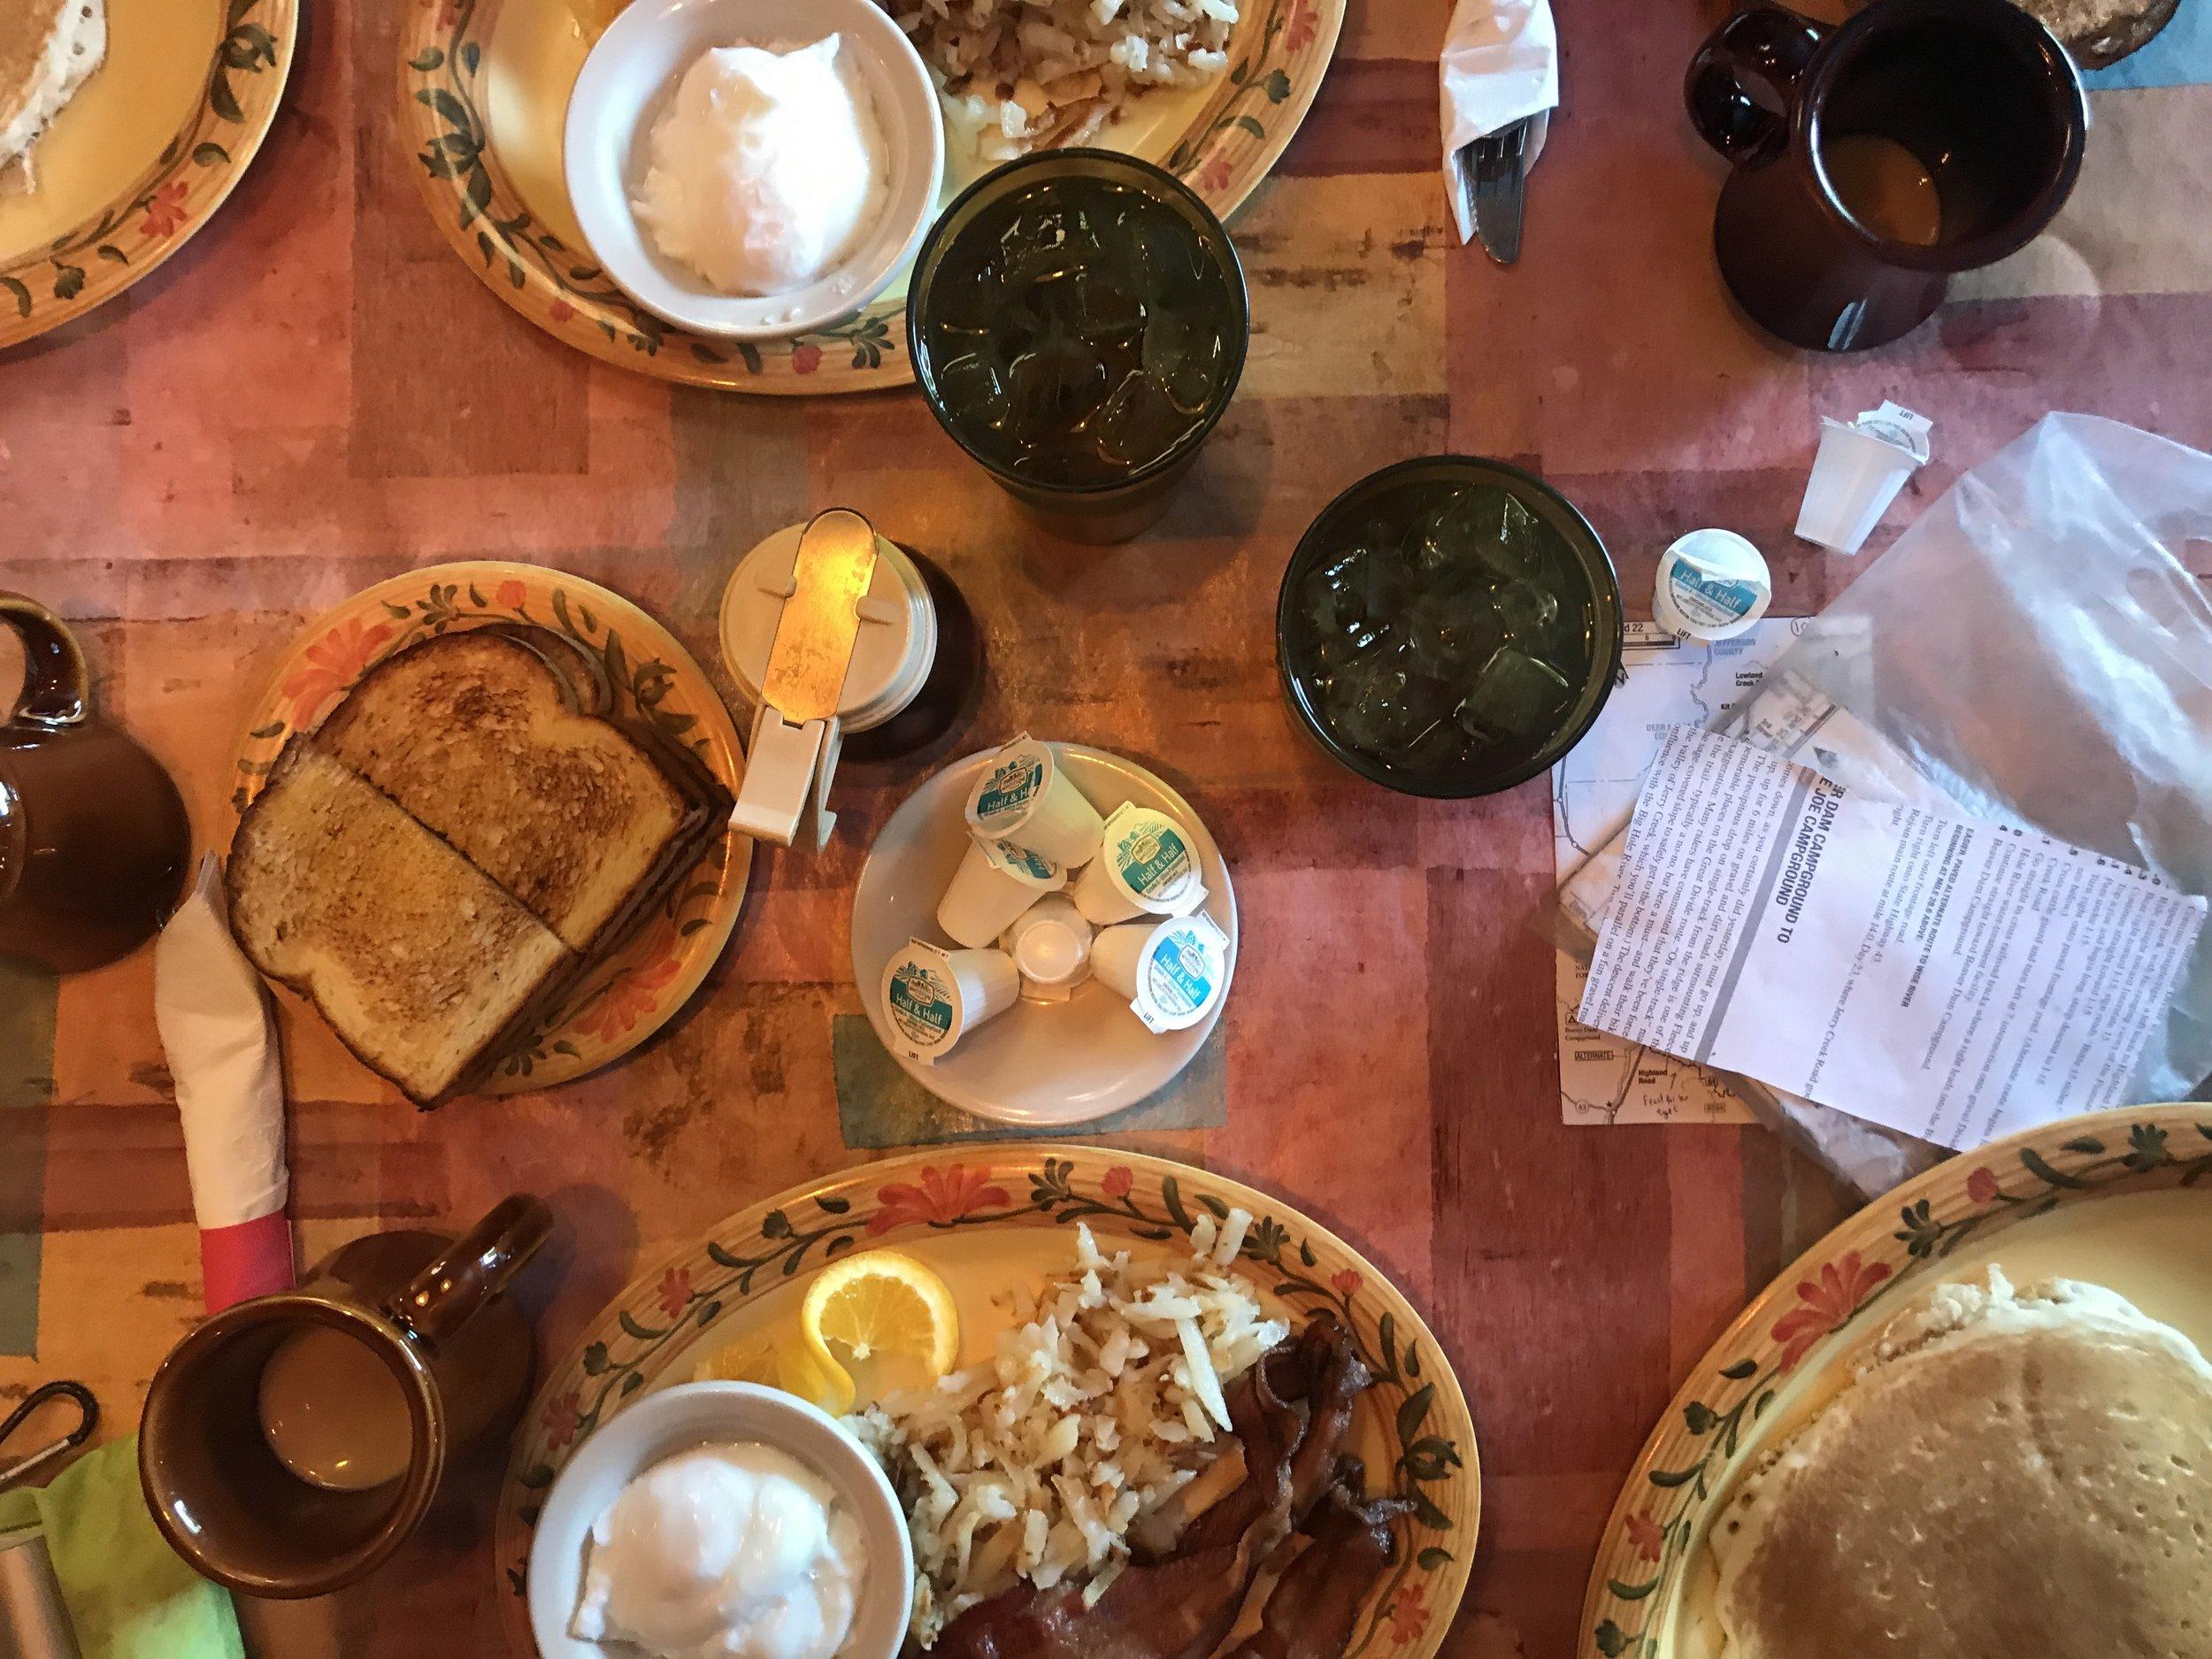 Disgusting wonderful breakfasts